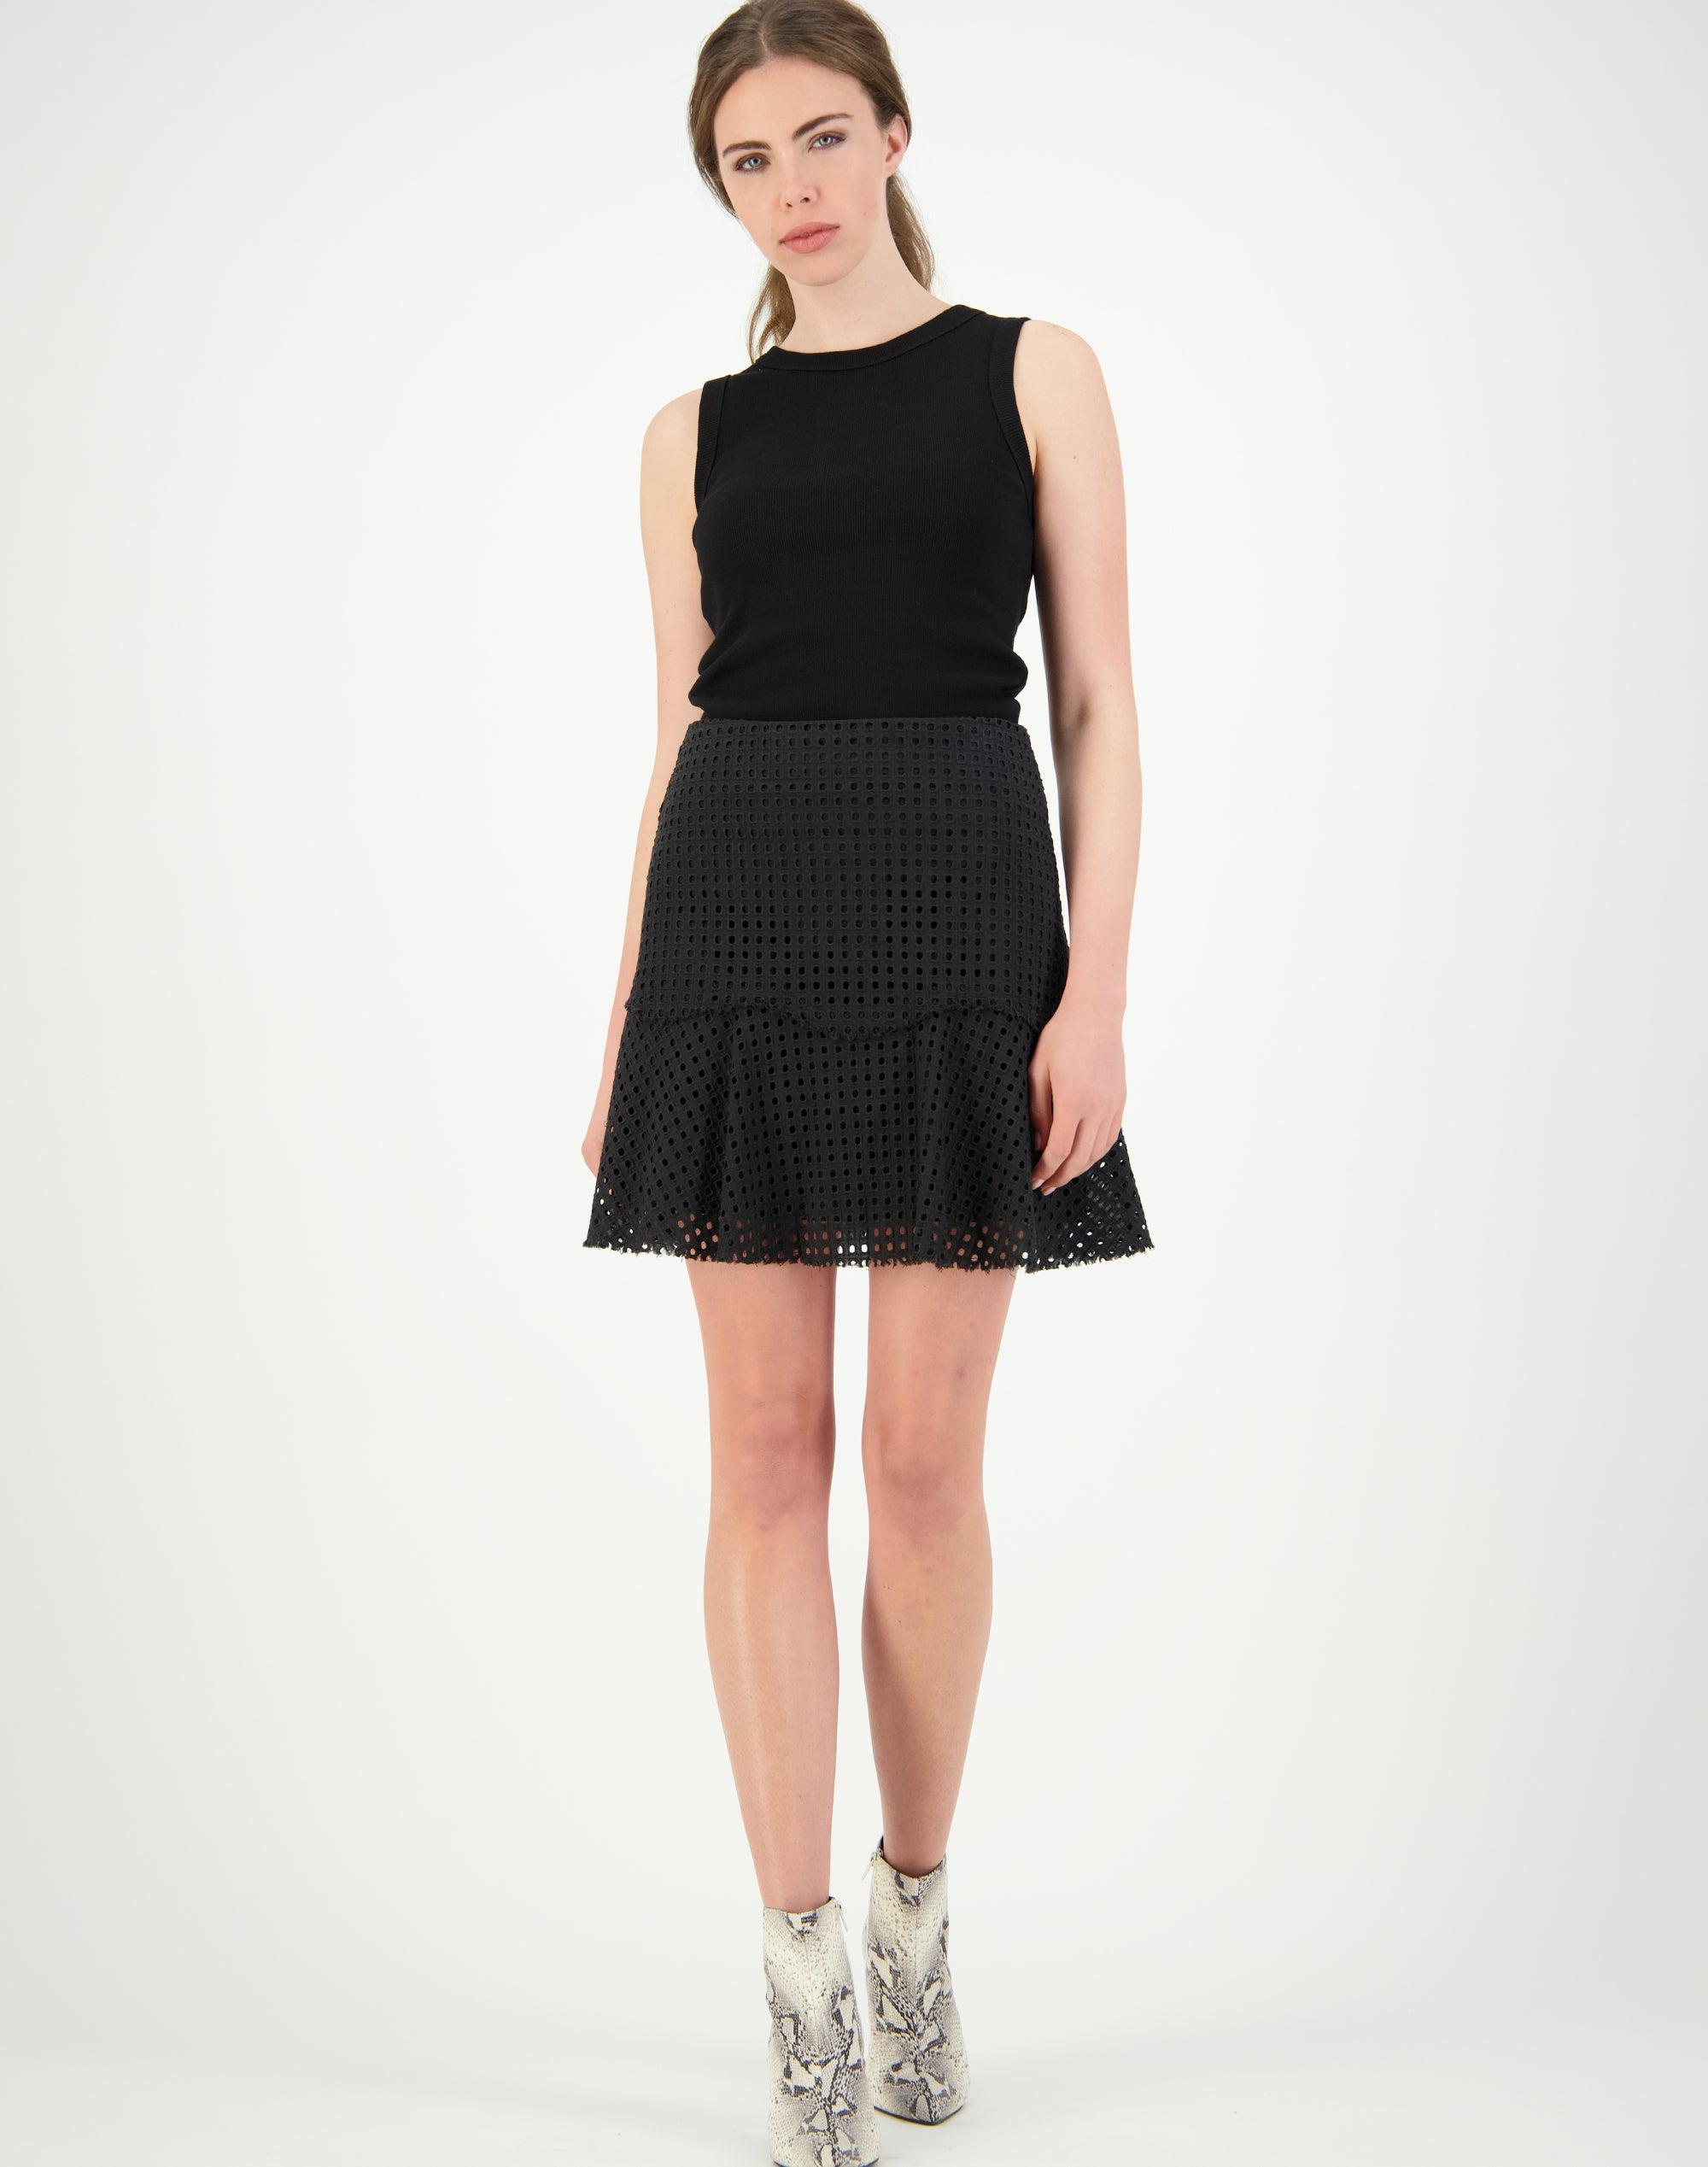 Broderie Phillips Skirt